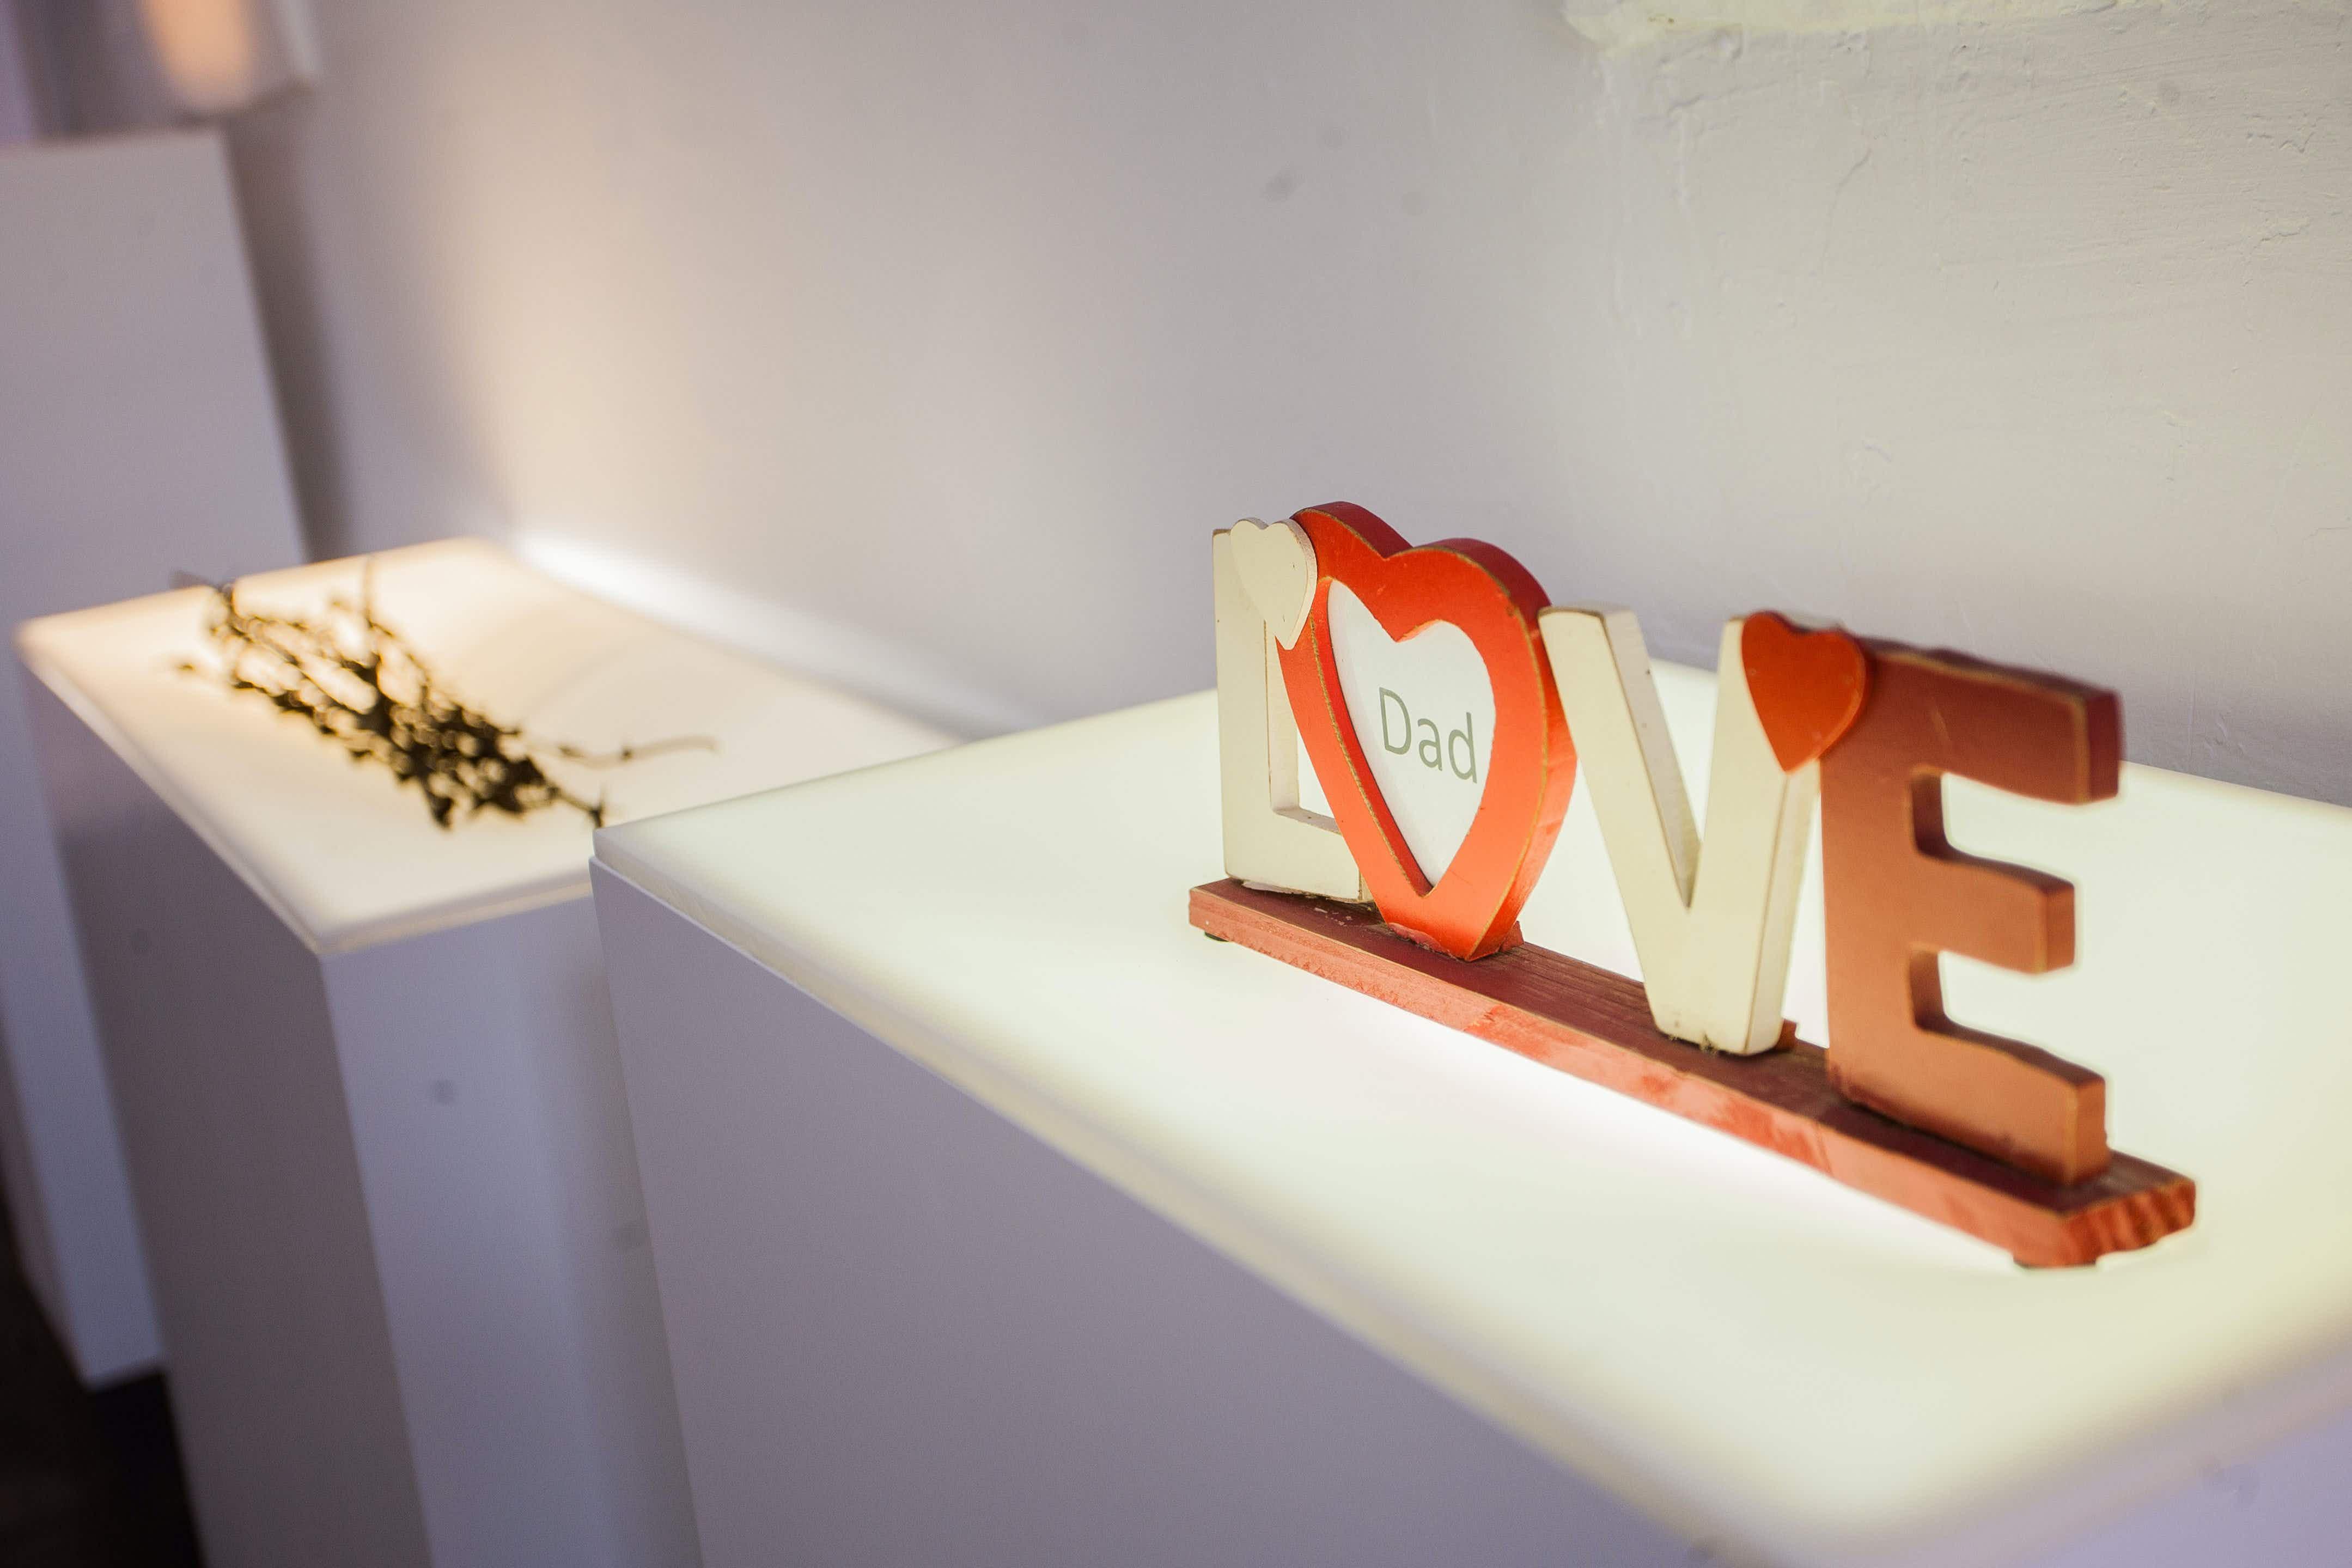 Zagreb's Museum of Broken Relationships features crowd-sourced mementos of heartbreak